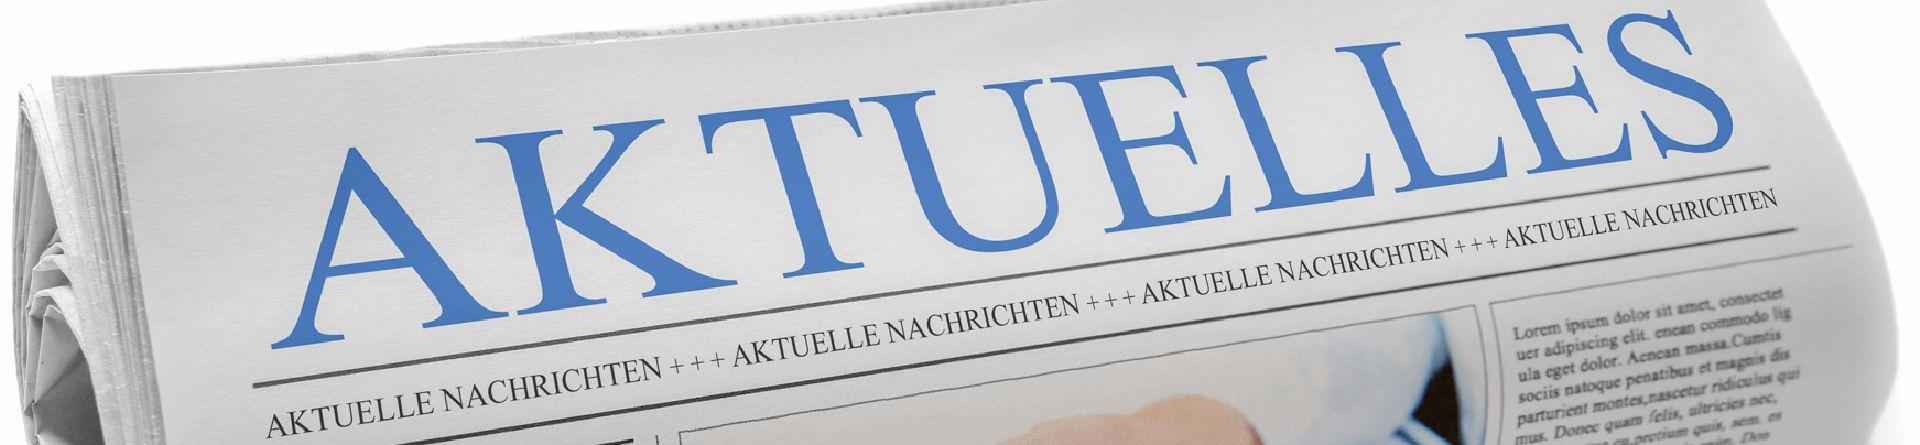 Neuigkeiten aus der Burkhartsmaier Unternehmensgruppe